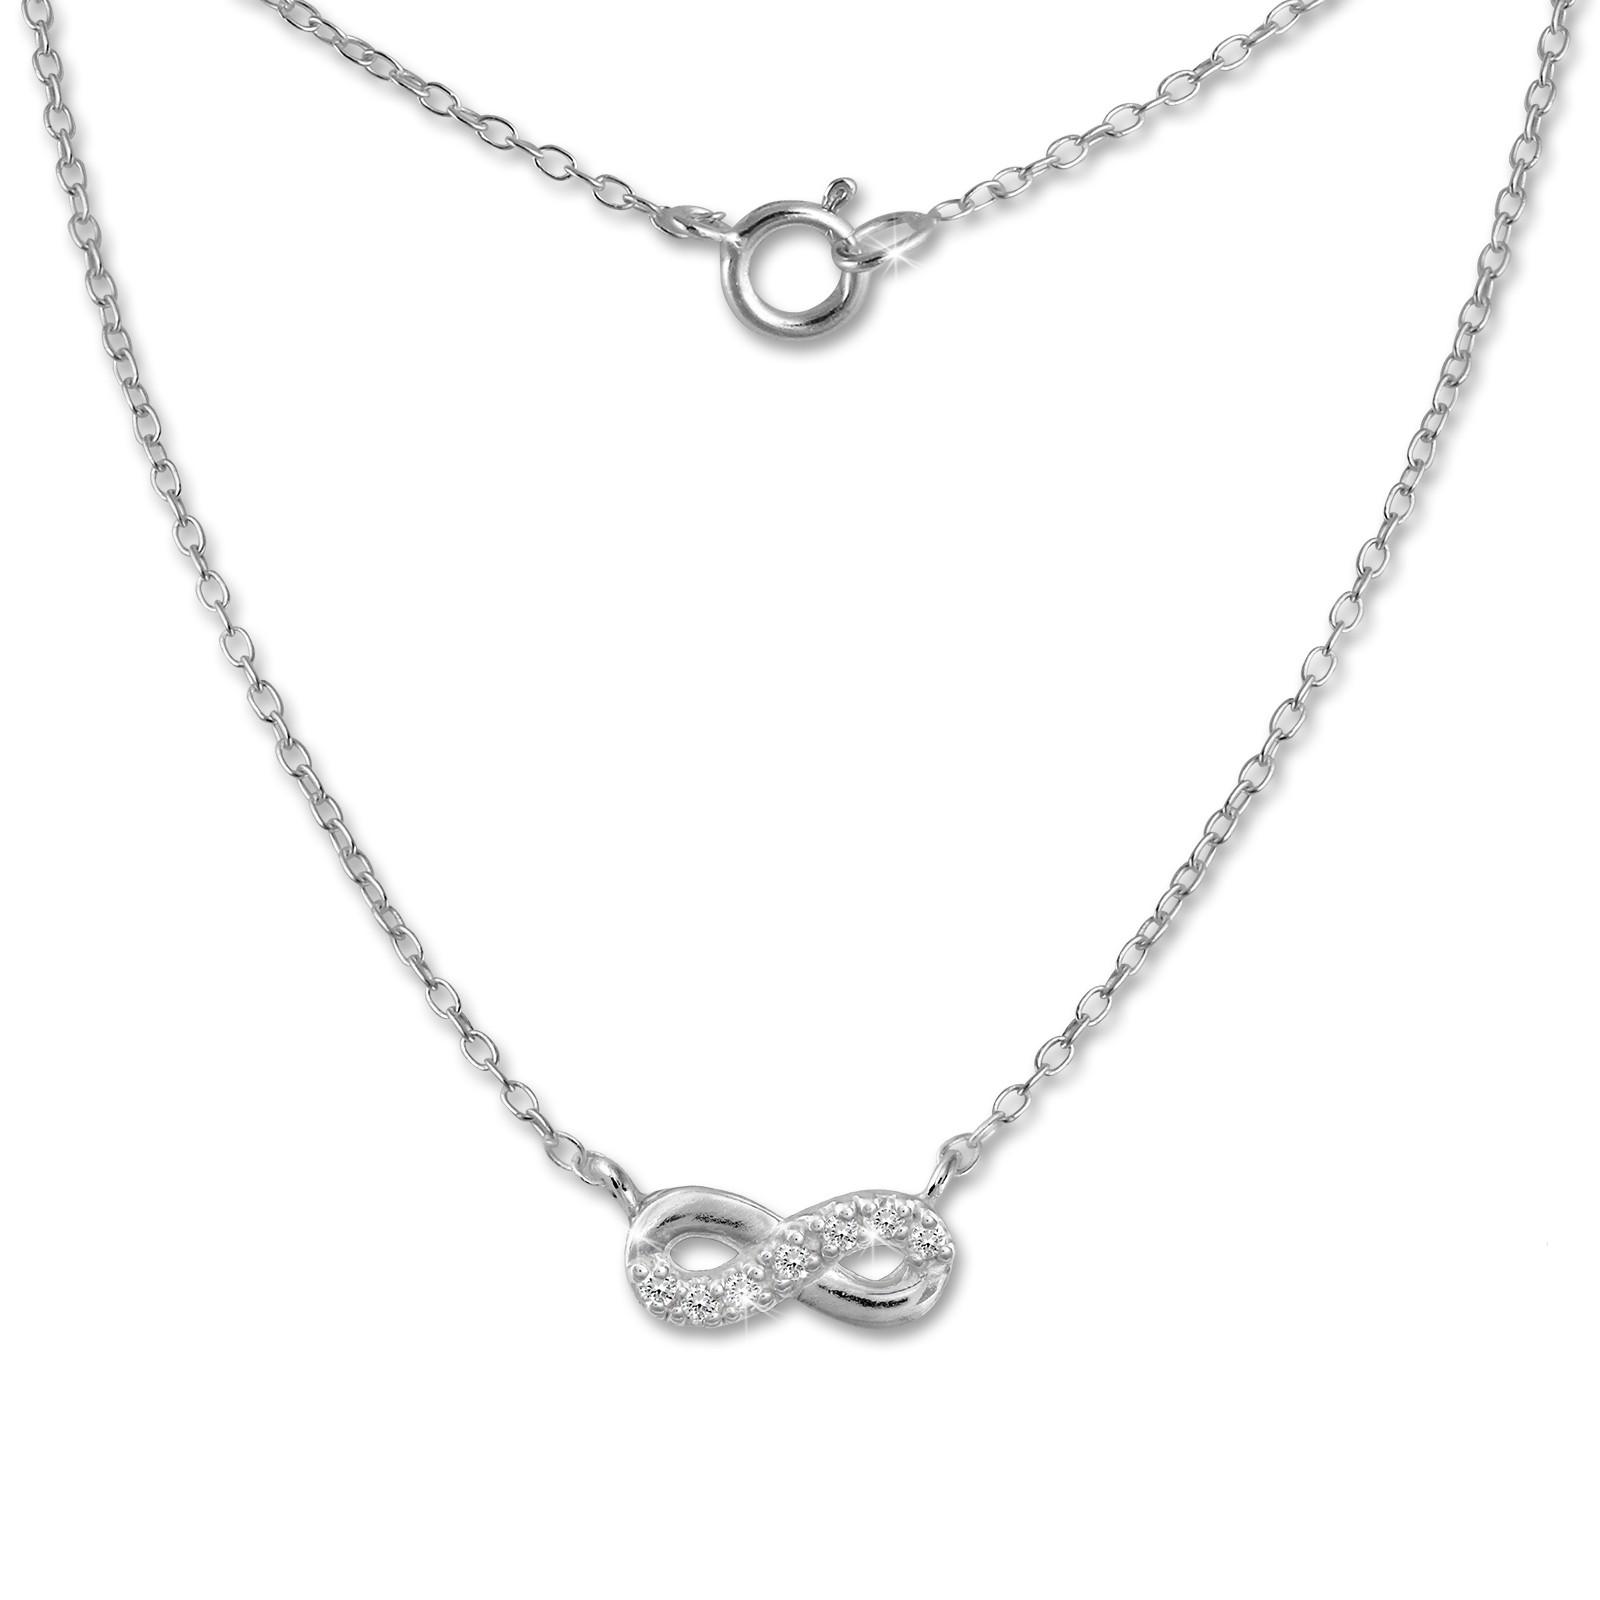 SilberDream Kette Unendlich 925er Sterling Silber 45cm Halskette SDK8010J